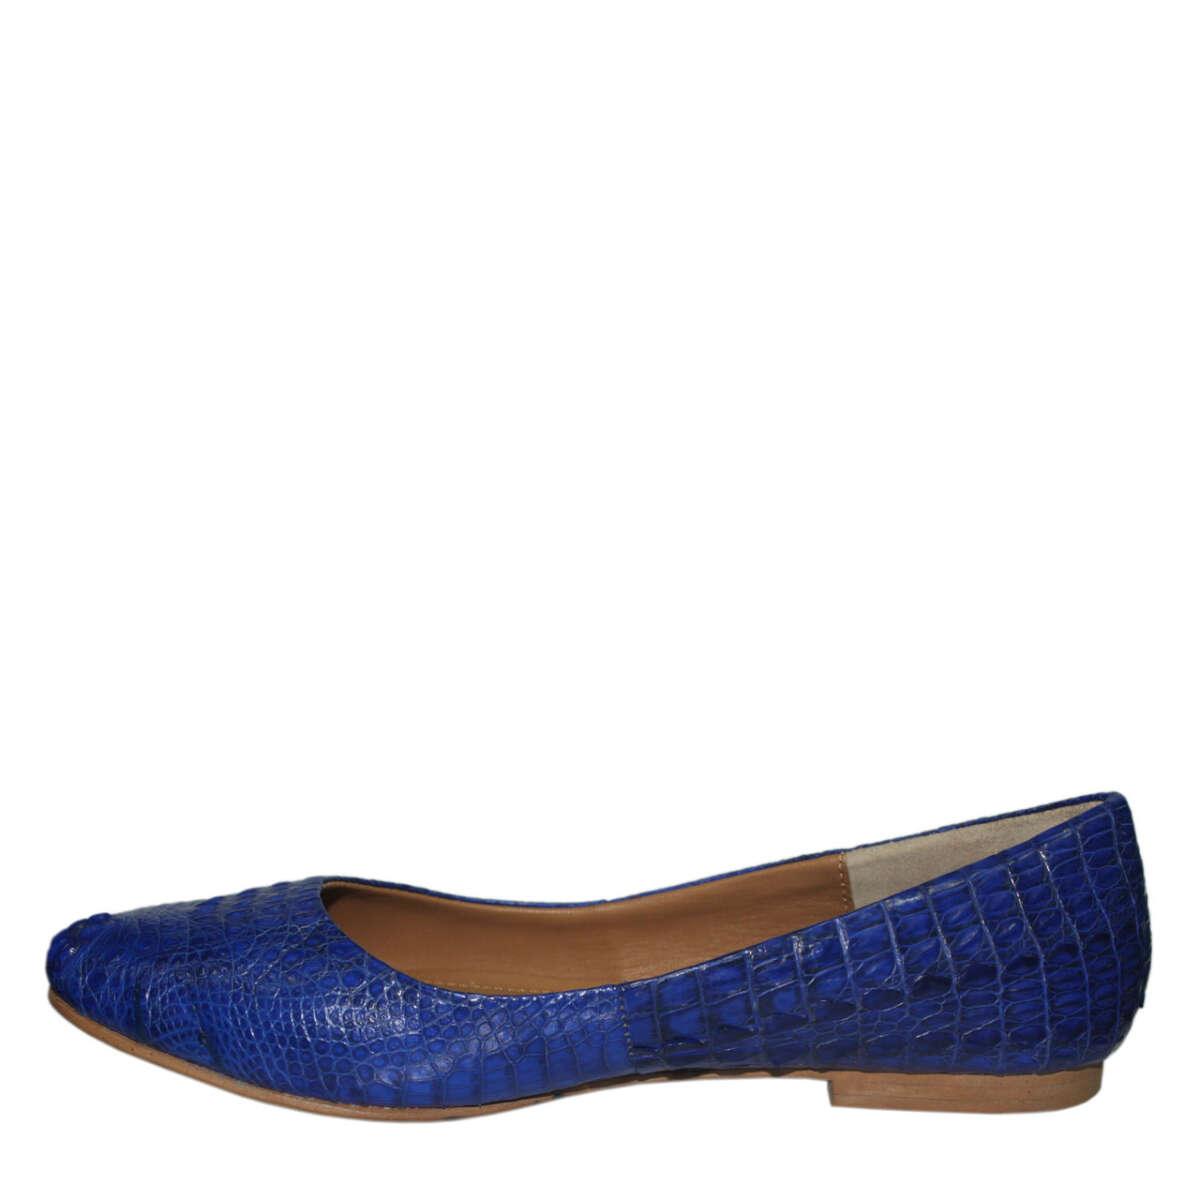 Giày bệt da cá sấu S761a